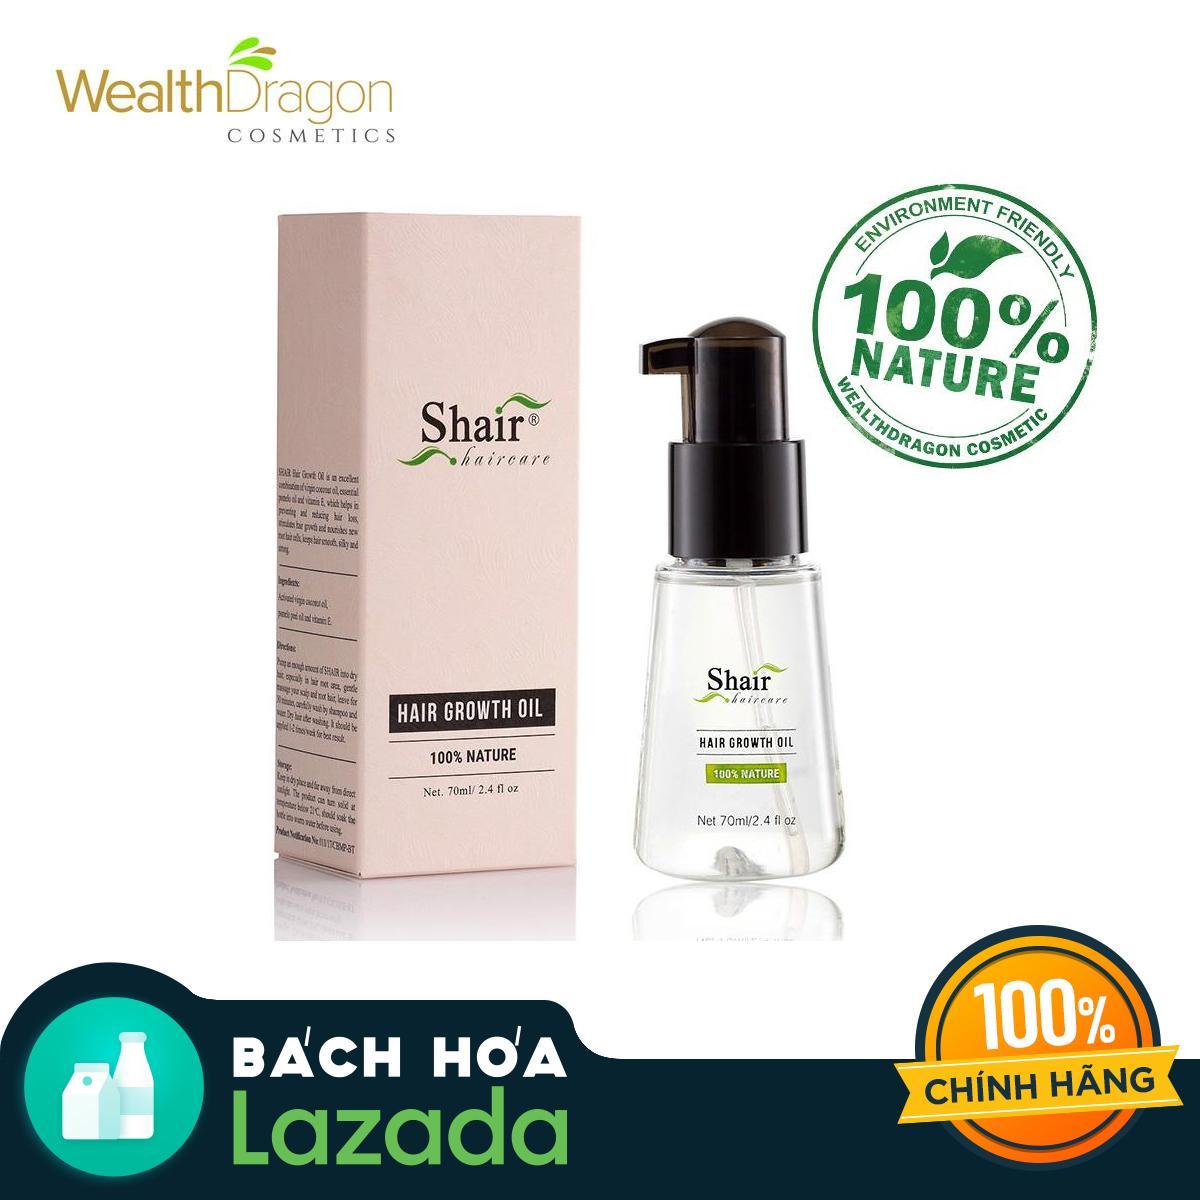 Dầu dưỡng và kích thích mọc tóc Shair 70ml giá rẻ